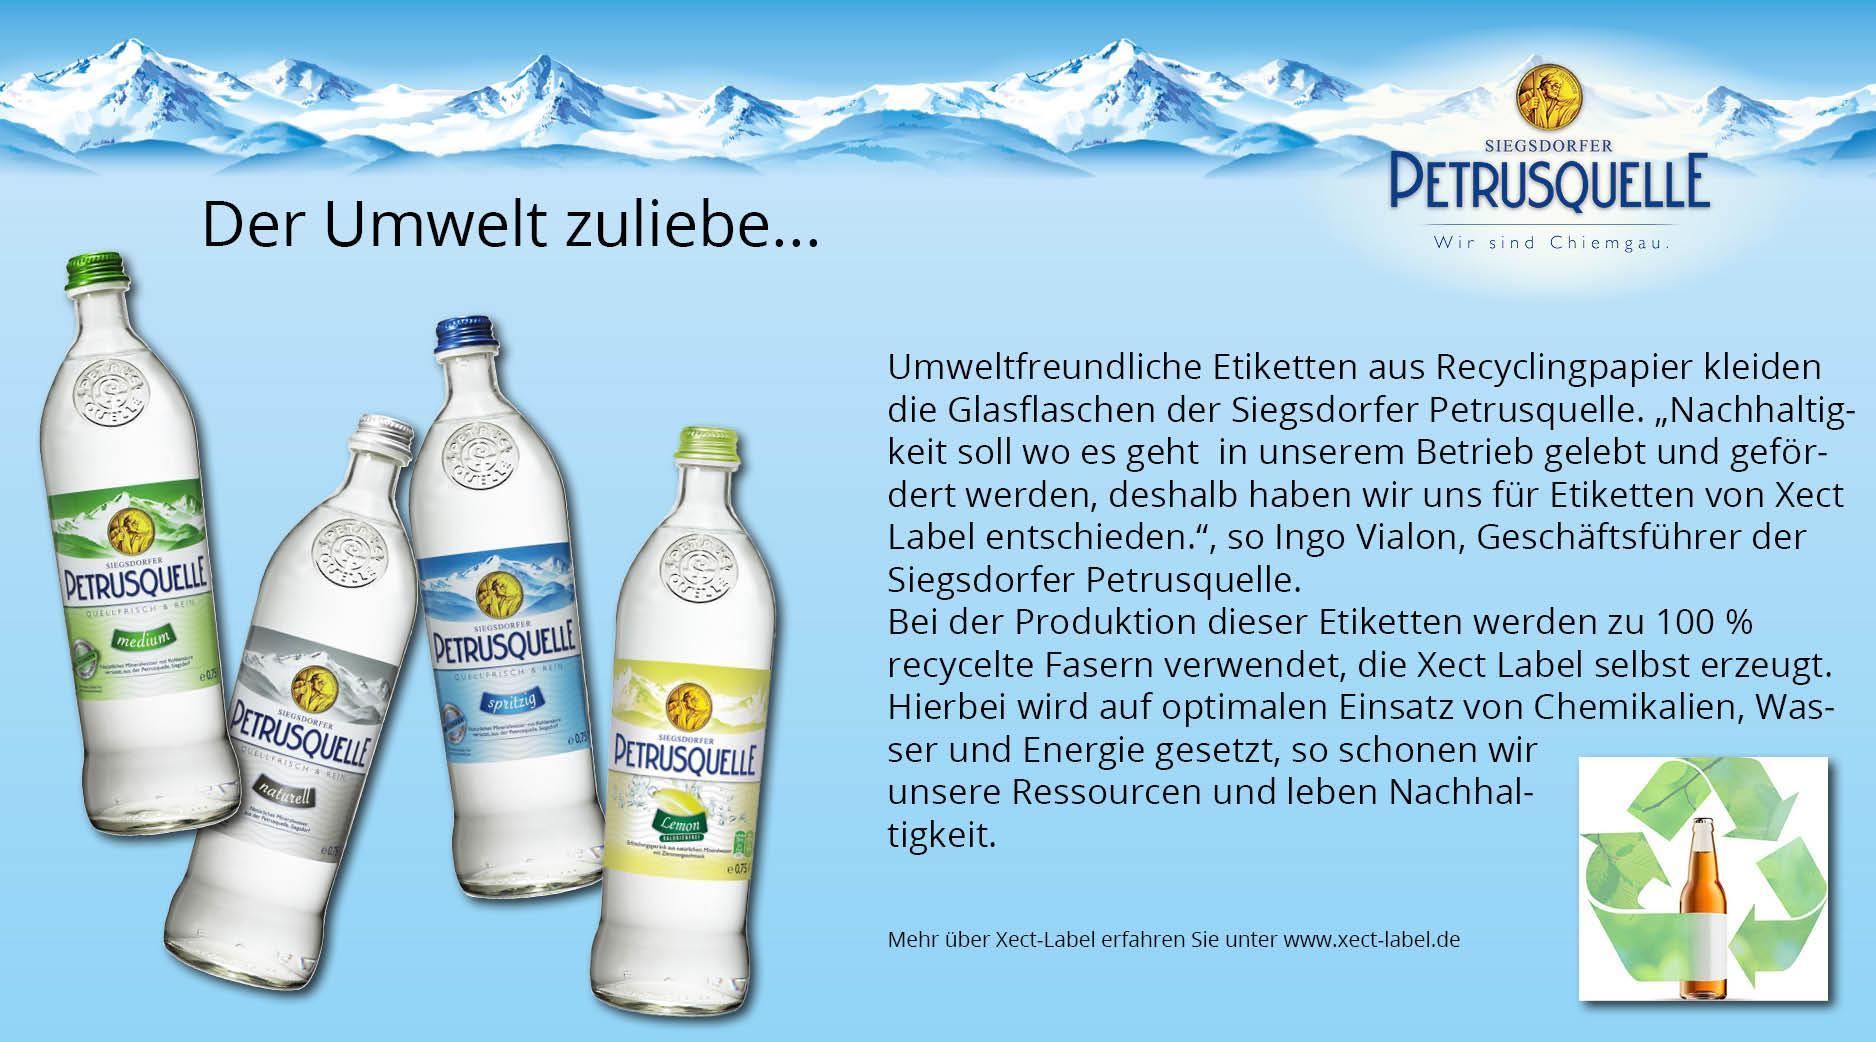 Umweltfreundliche Etiketten aus Recyclingpapier Siegsdorfer Petrusquelle